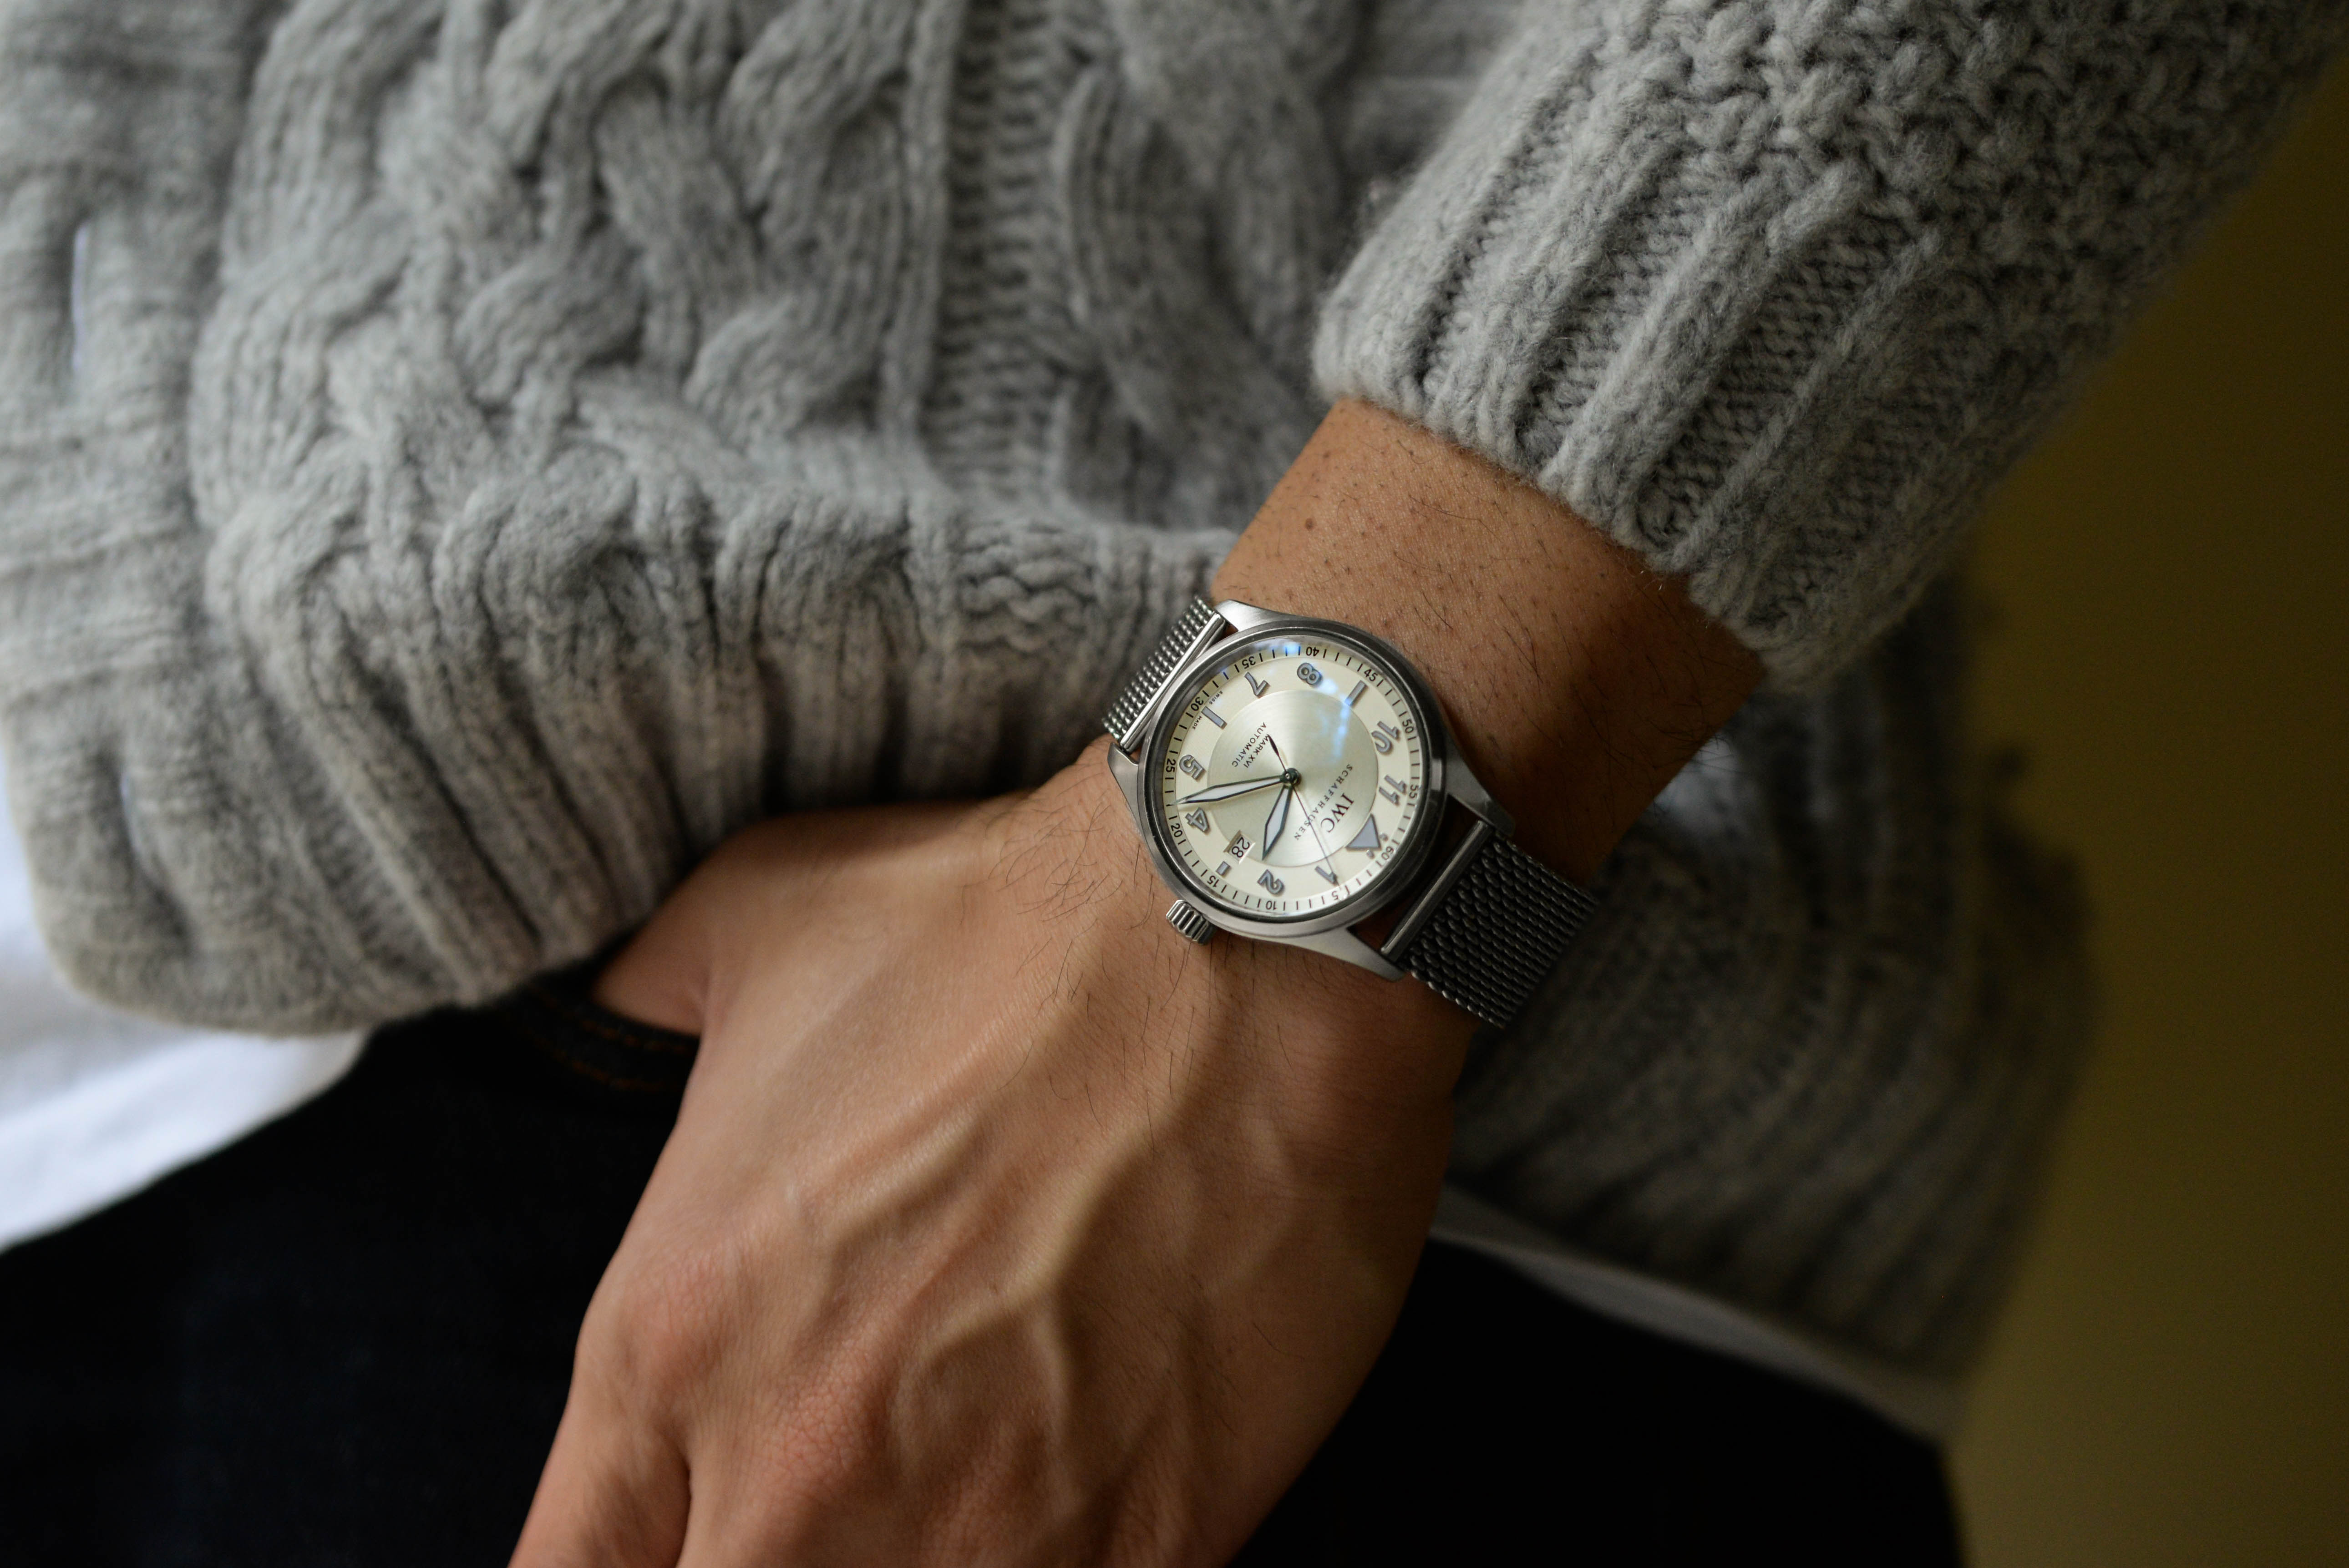 西岡慎介さんの腕時計はスピットファイア マーク16 Ref.325502